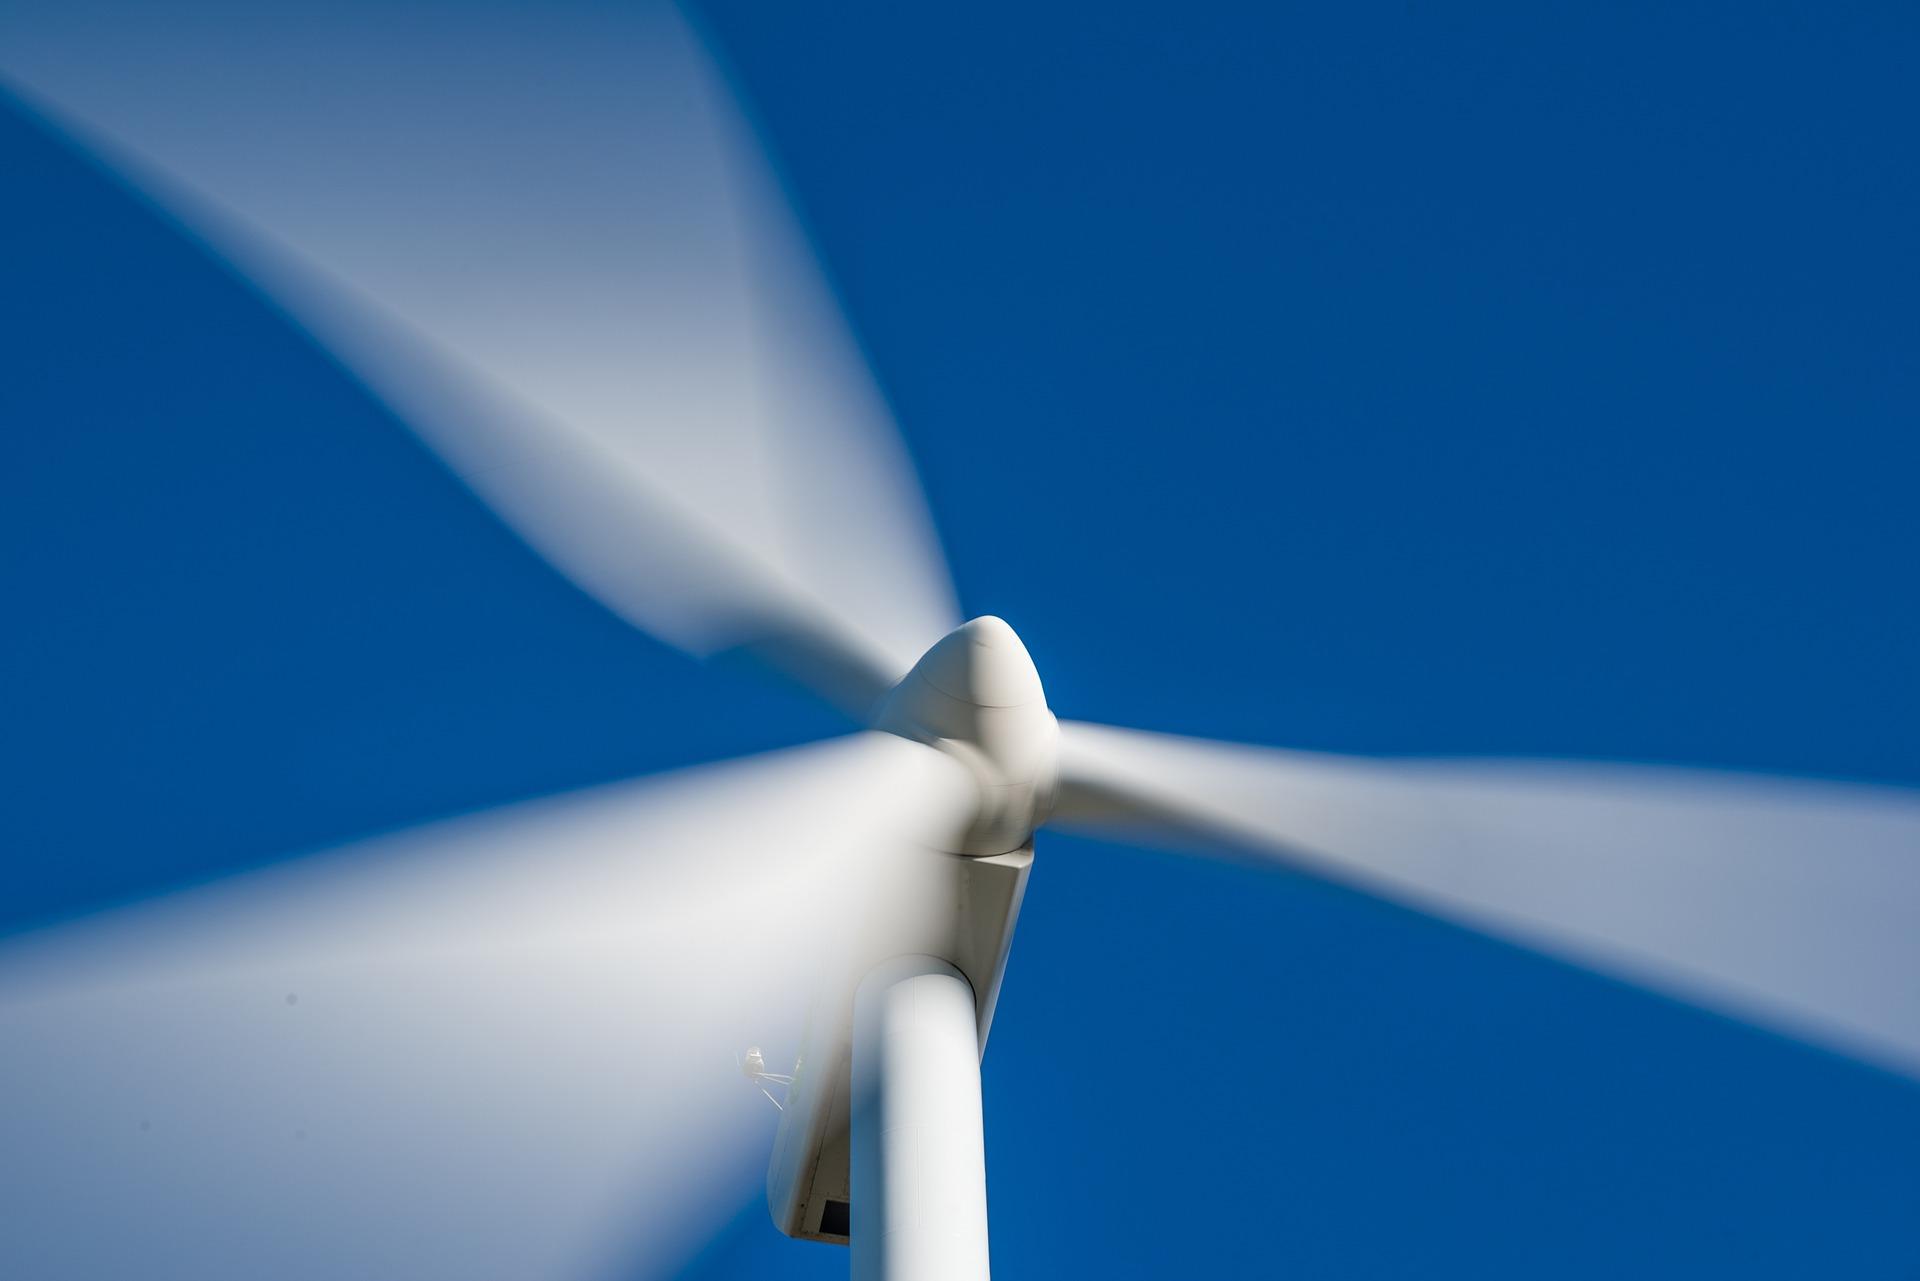 Molino eolico 1920 - Energías renovables - Daños irreversibles